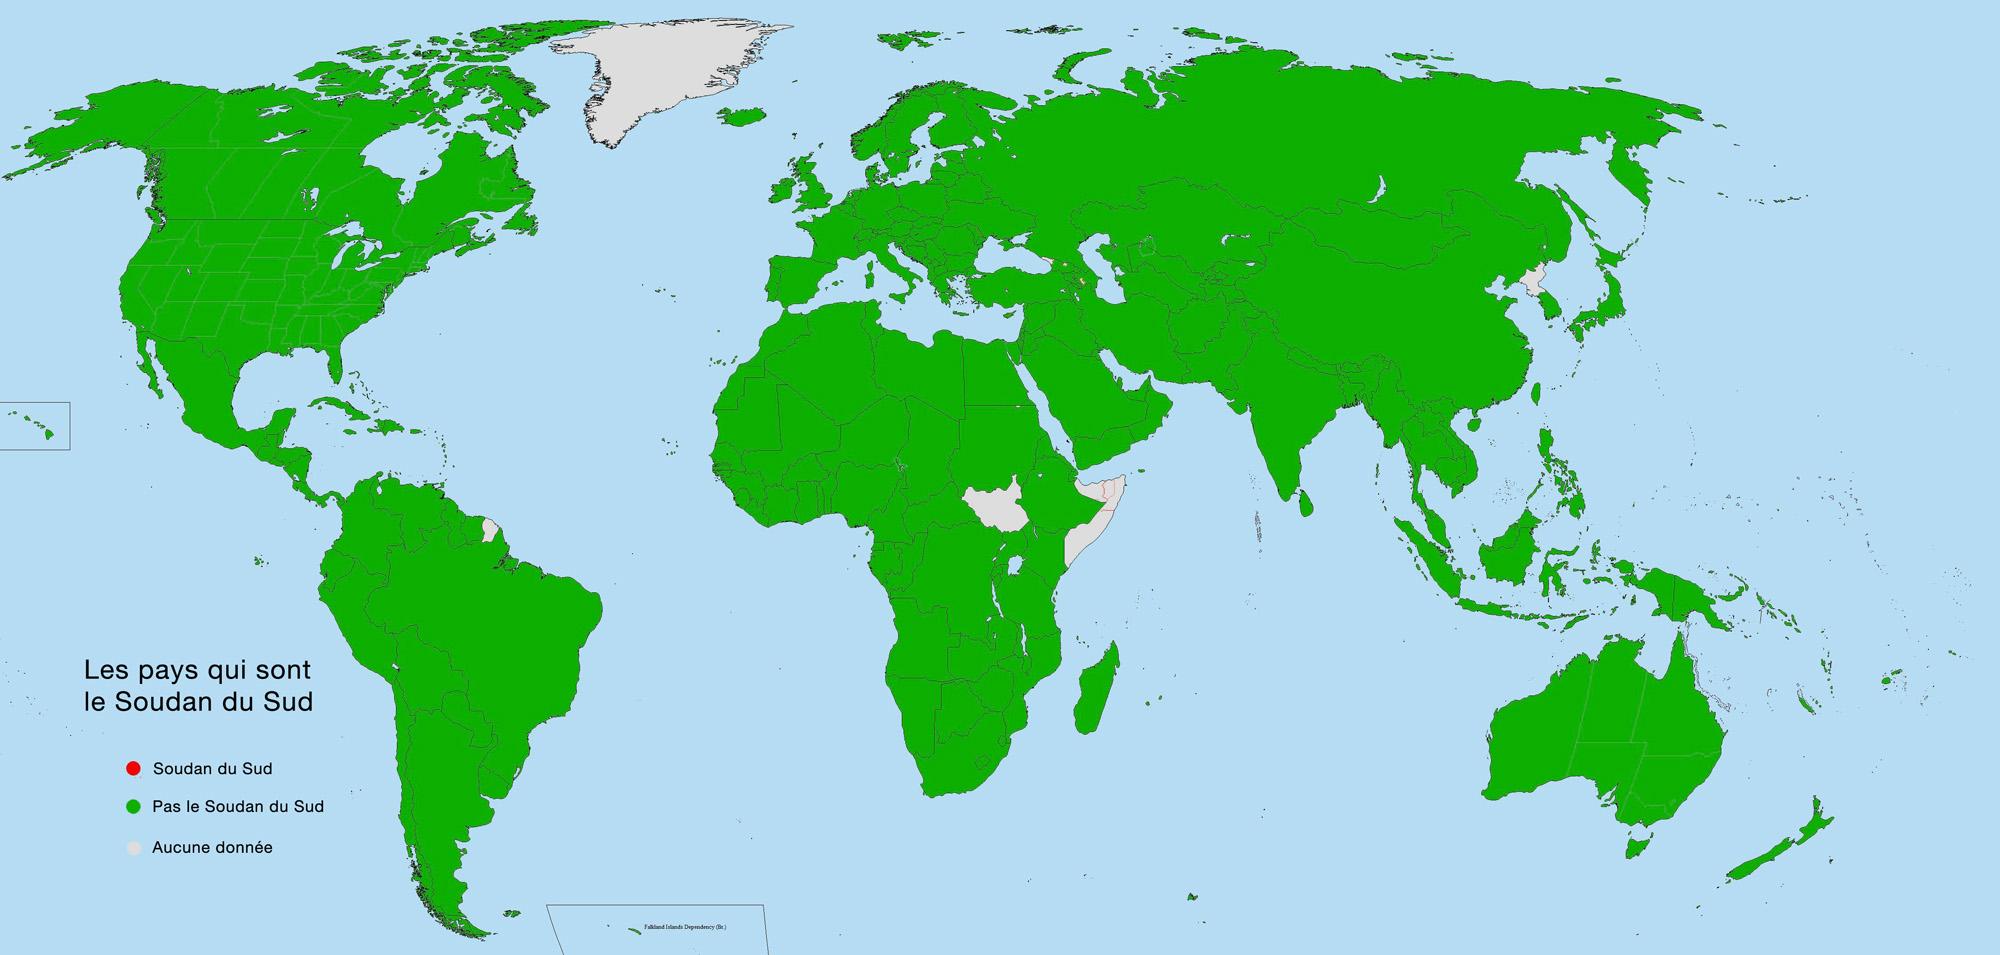 Carte des pays qui sont ou ne sont pas le Soudan du Sud. (reddit/xcrissxcrossx)